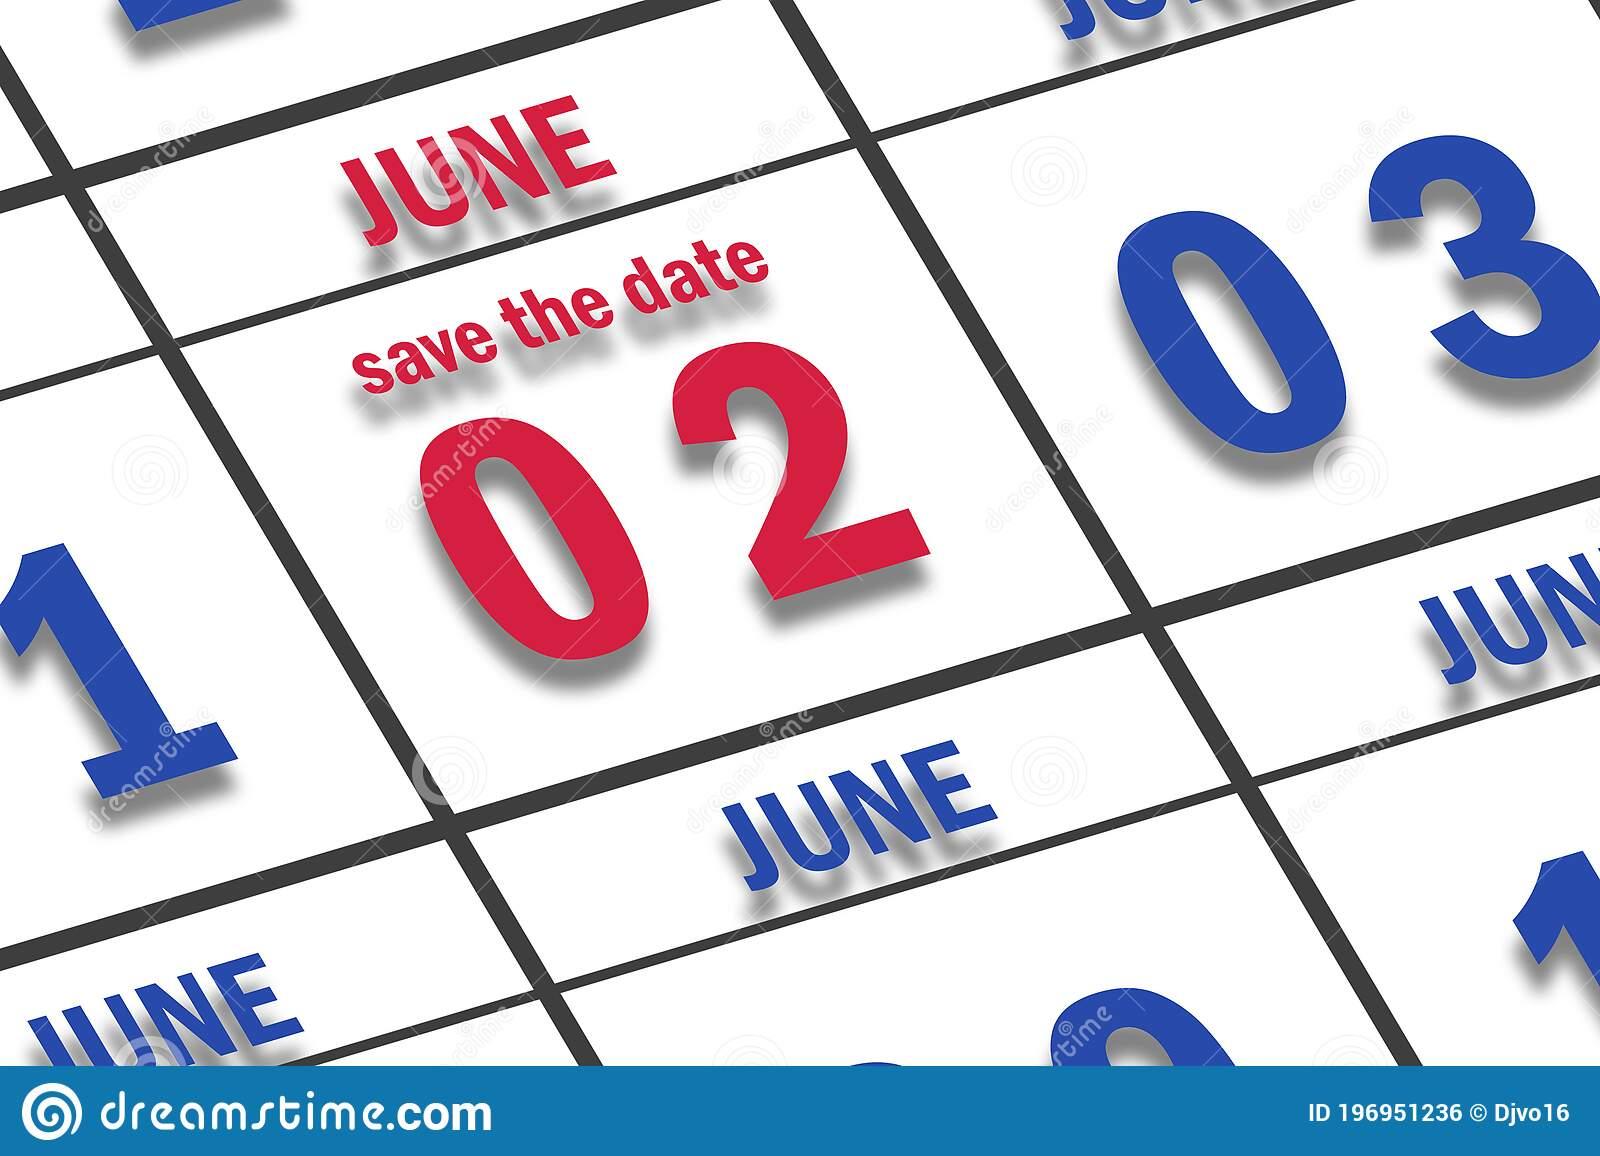 de-junio-día-del-mes-fecha-marcada-guardar-la-en-un-calendario-verano-concepto-año-196951236